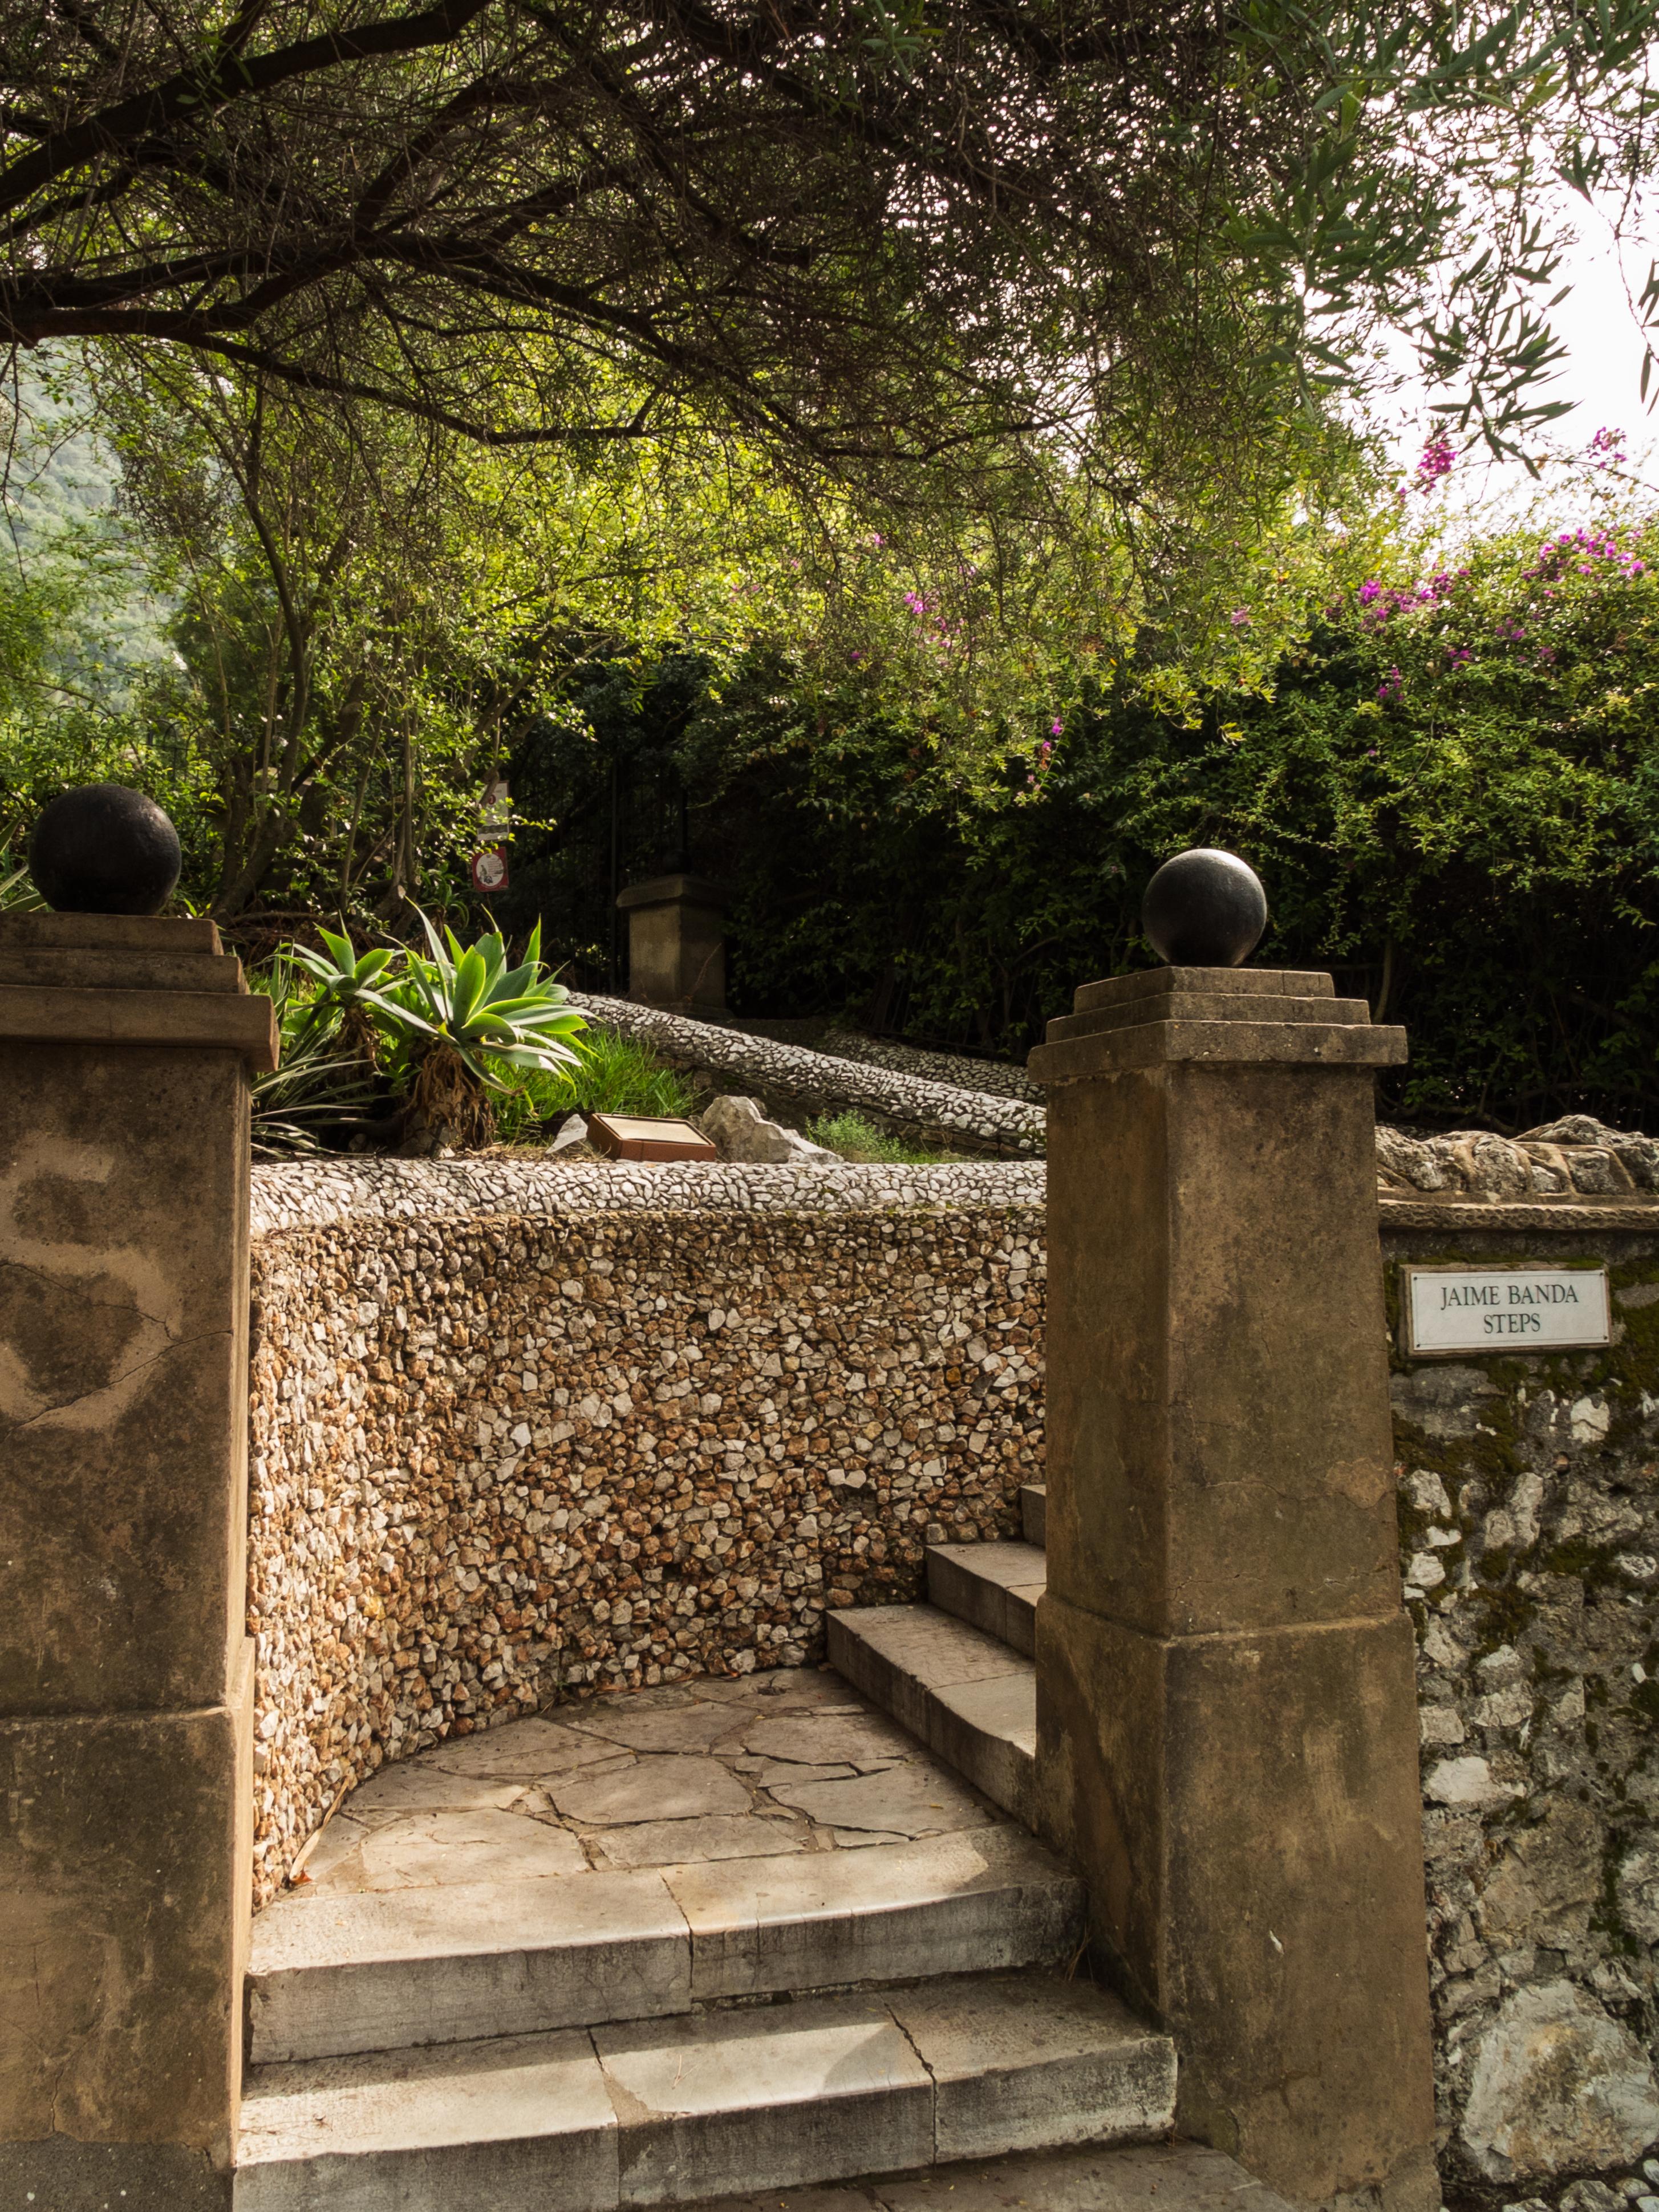 Jaime Banda Steps in the Gibraltar Botanic Gardens.